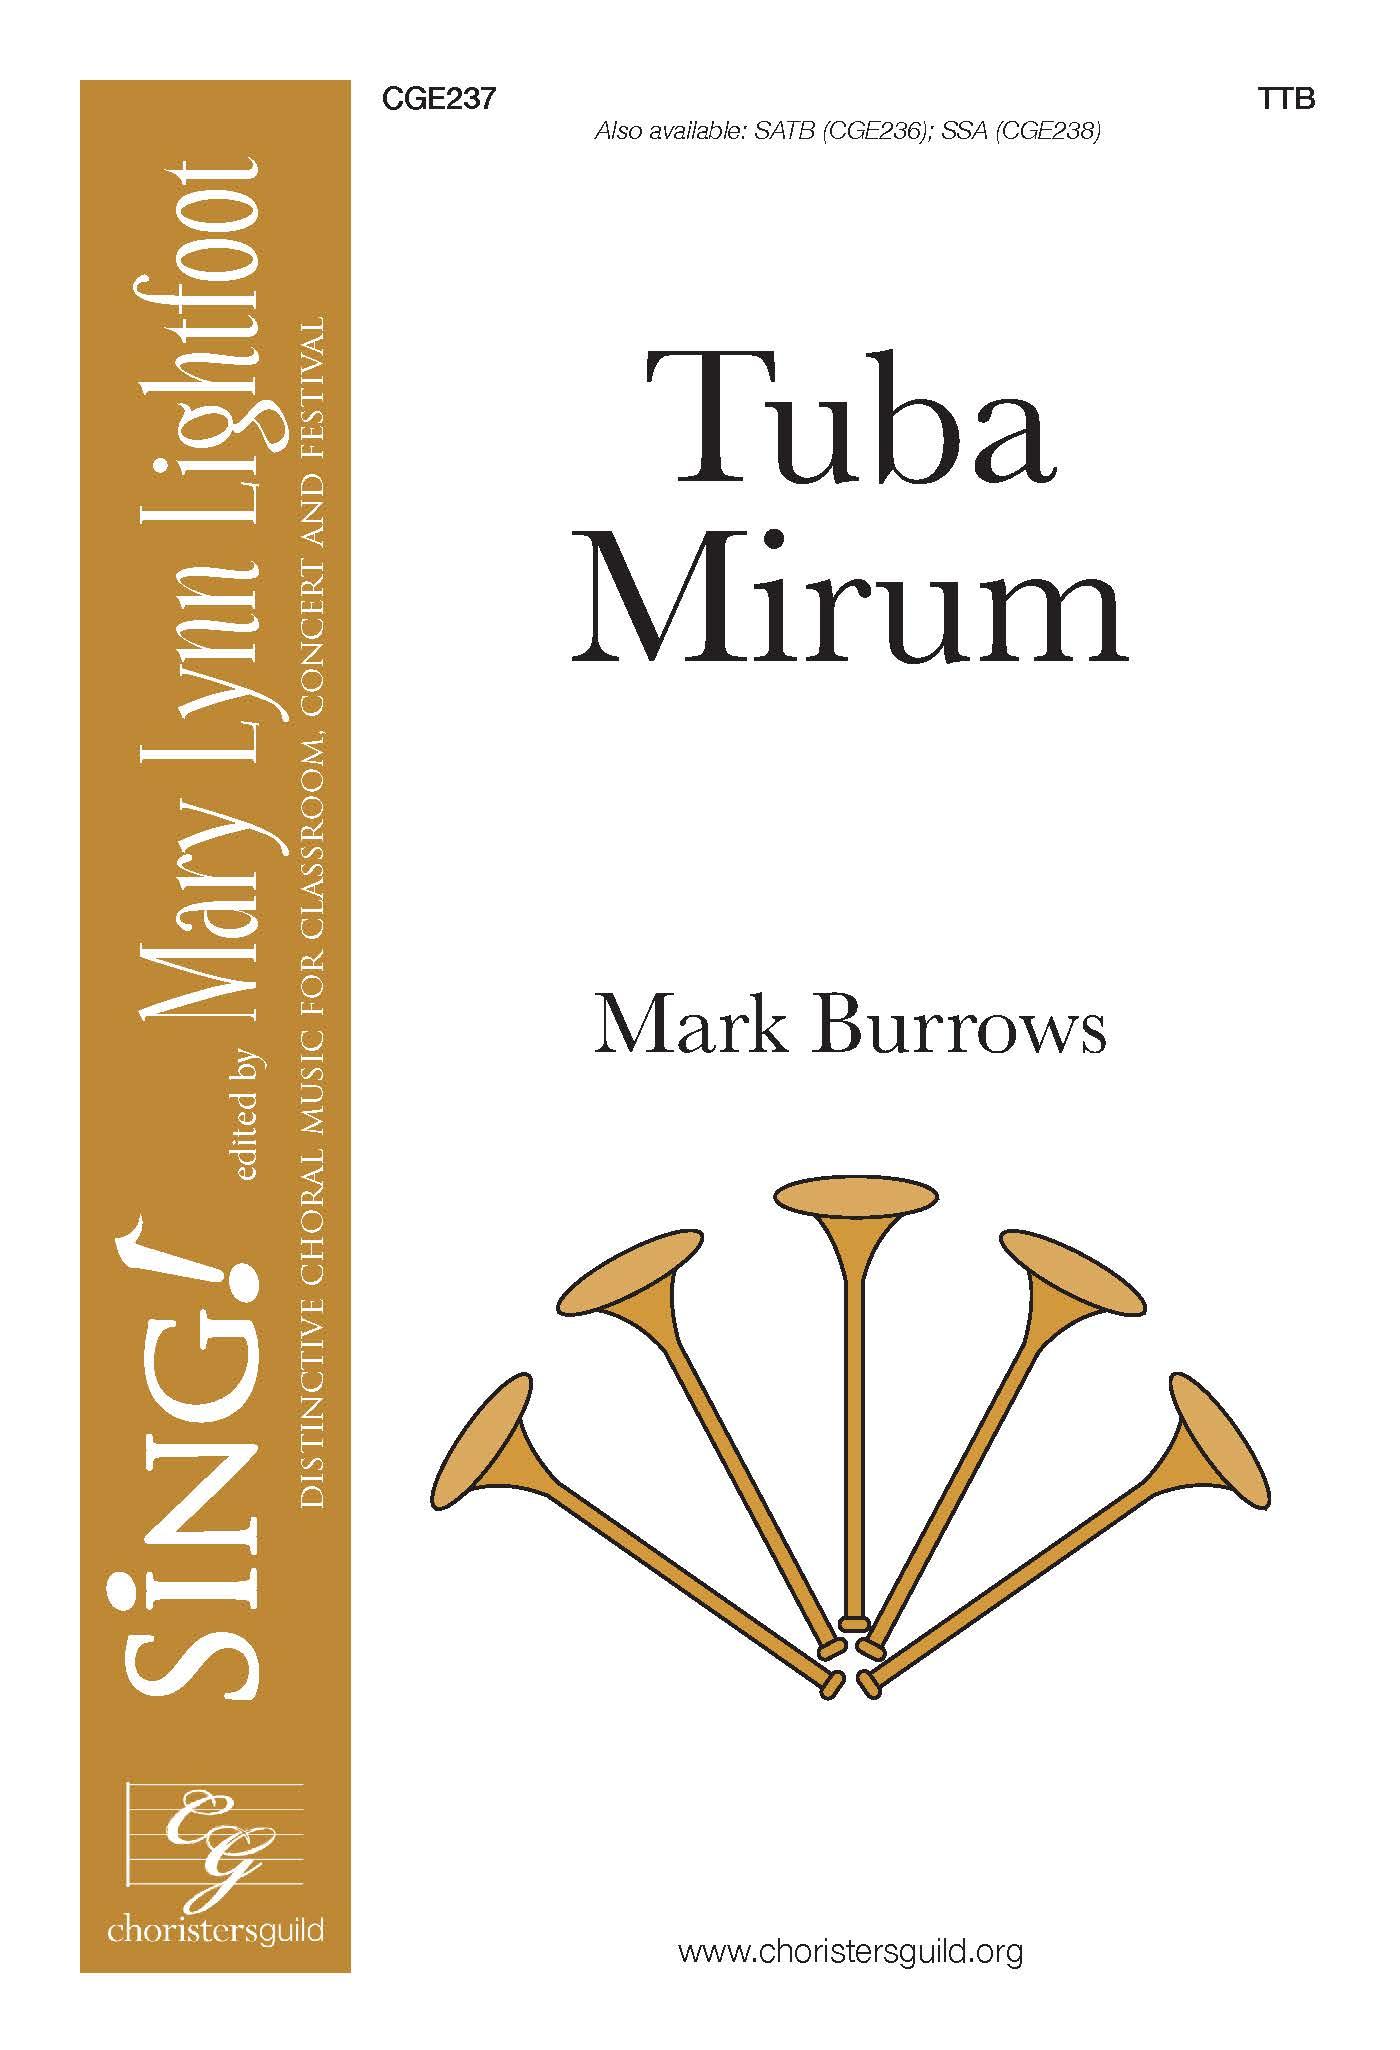 Tuba Mirum TTB